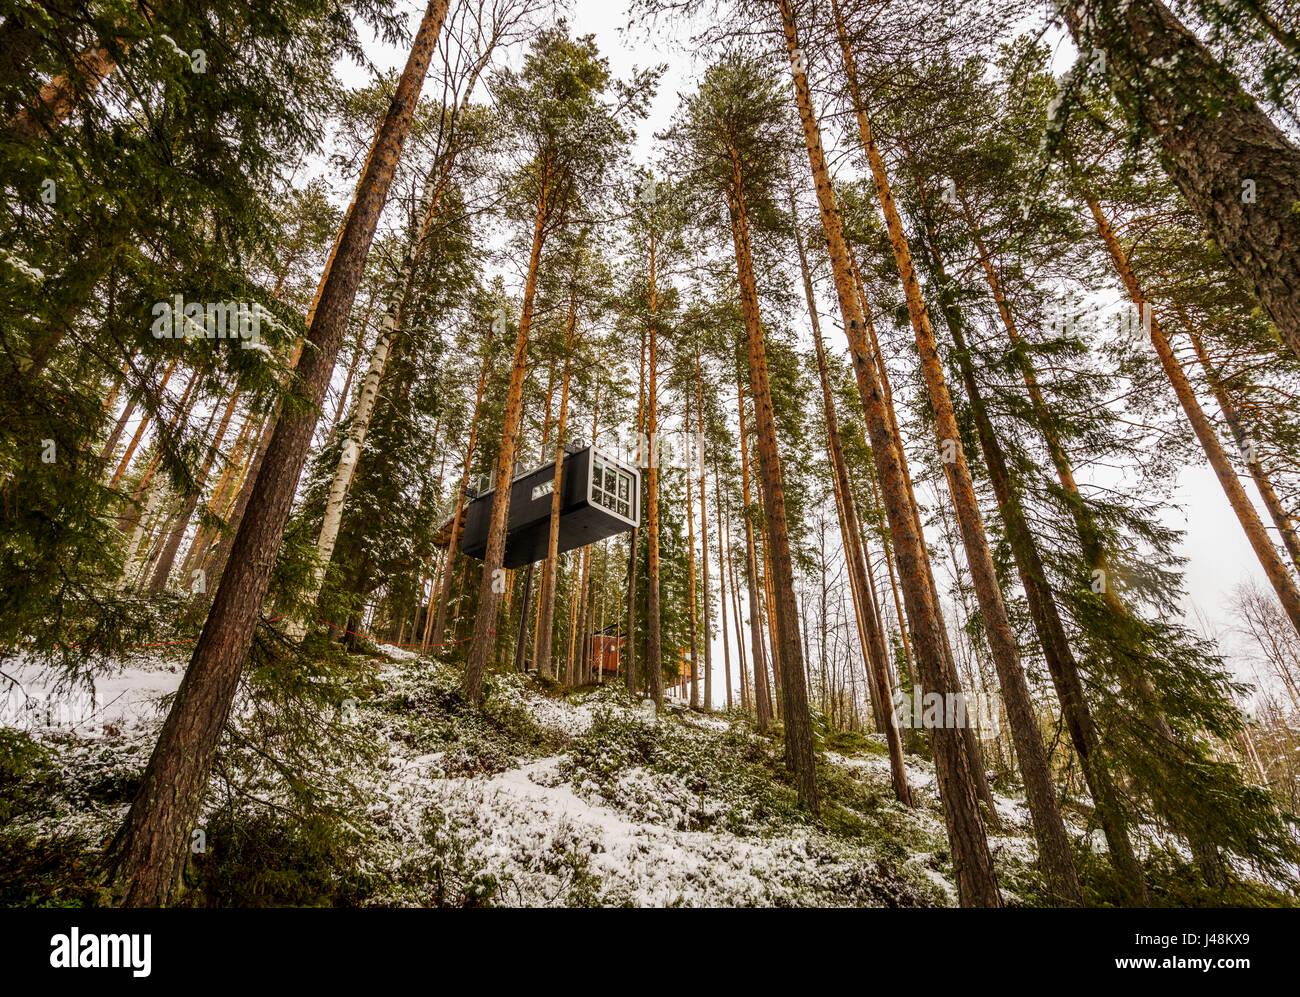 Unterkunft in den Wäldern, bekannt als The Cabin im Tree Hotel in Lappland, Schweden Stockbild